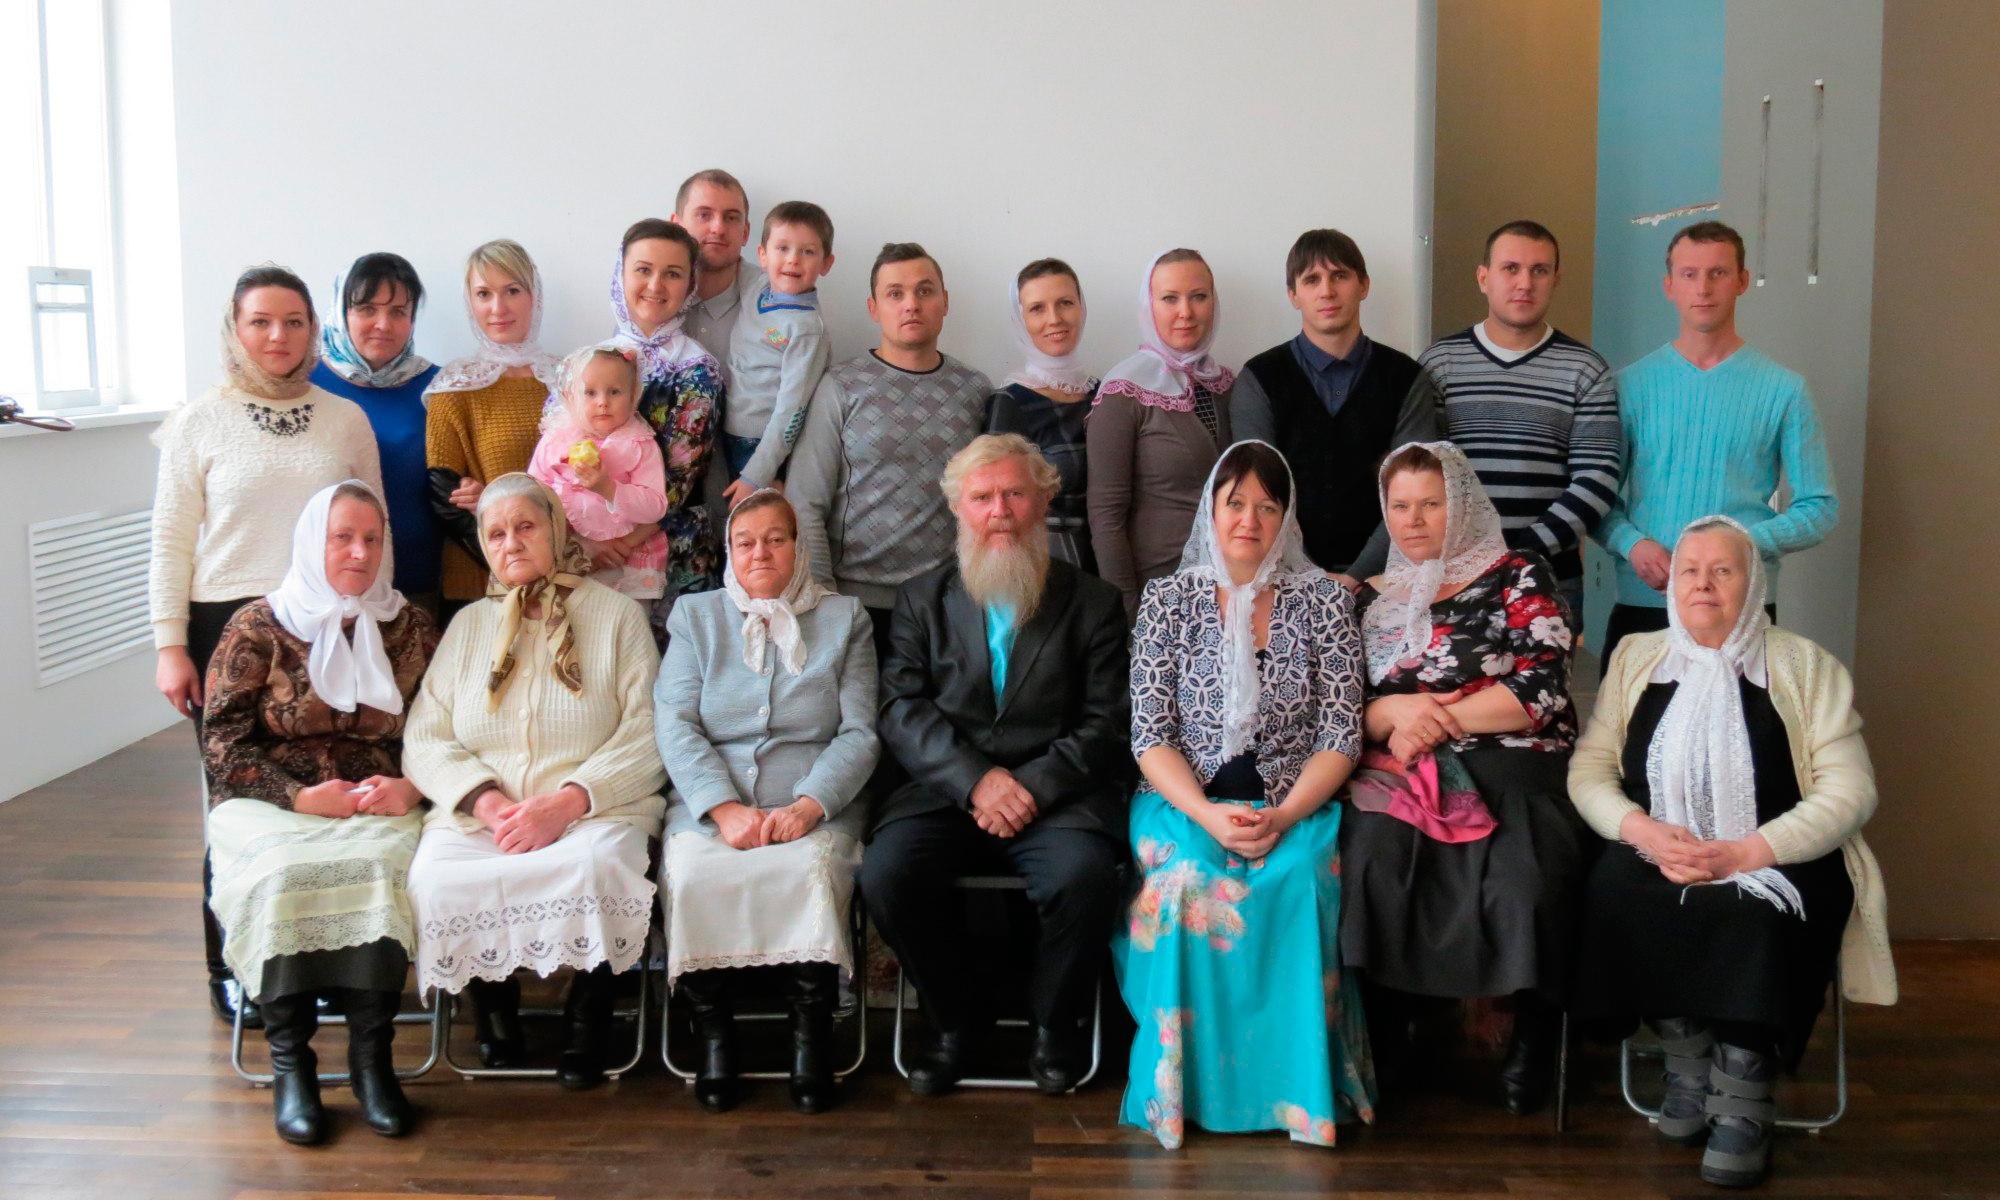 Община молокан в Москве